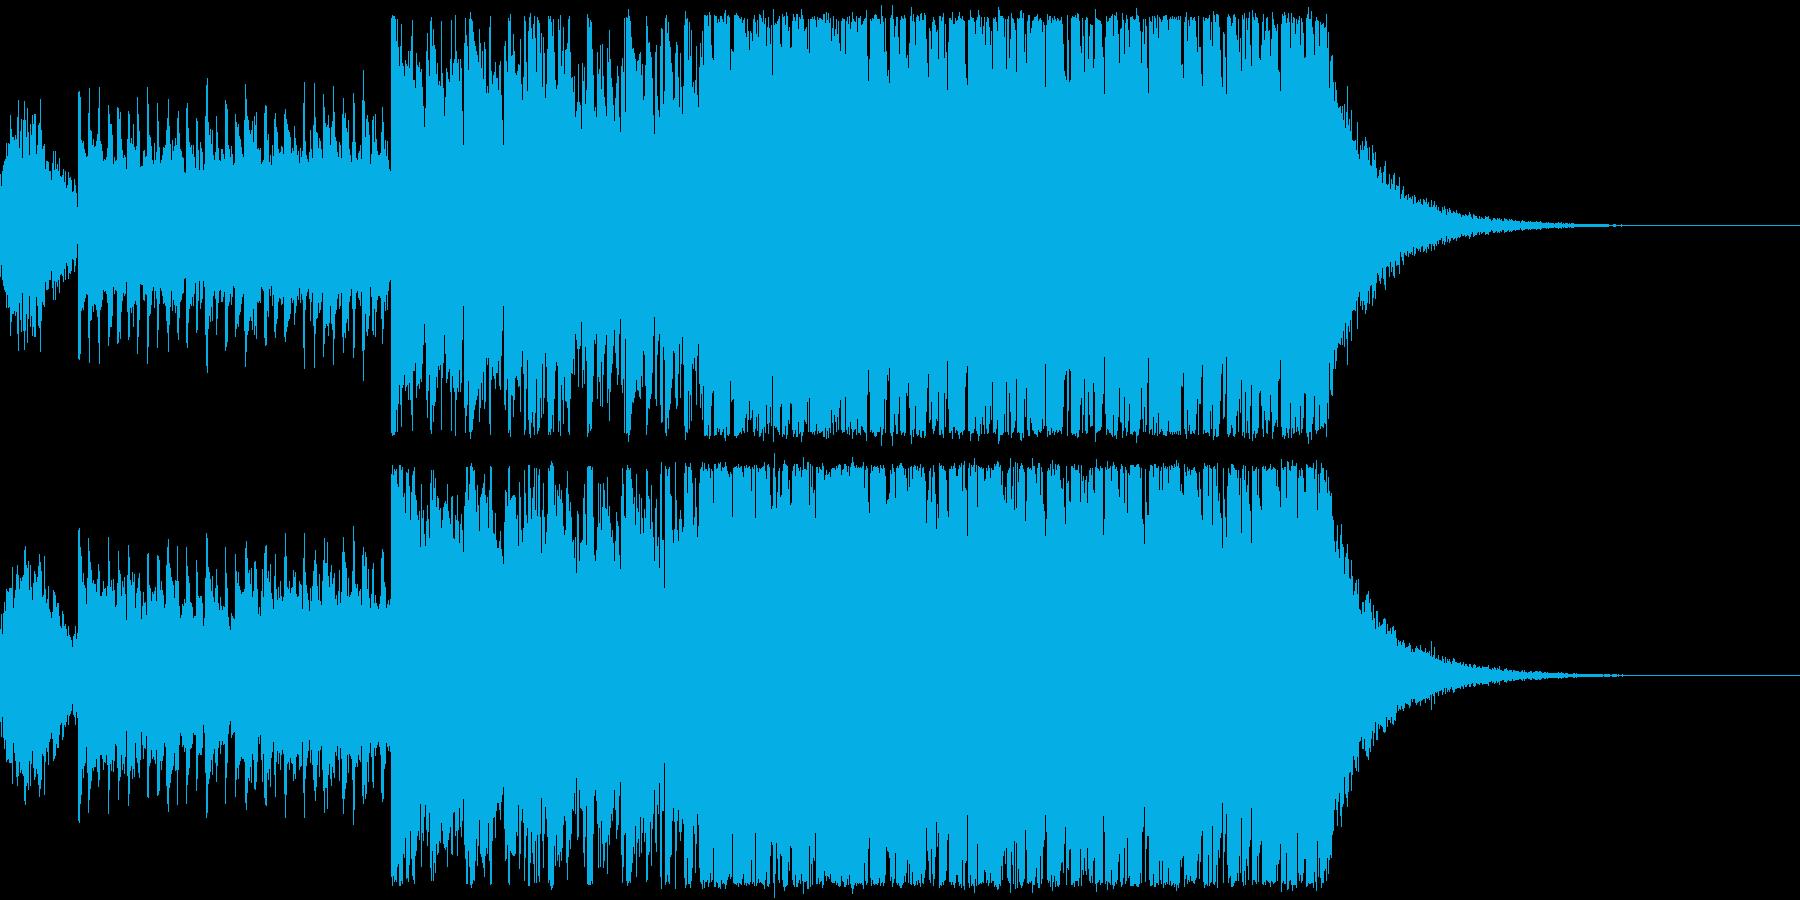 キラキラ&アップテンポなオープニング楽曲の再生済みの波形